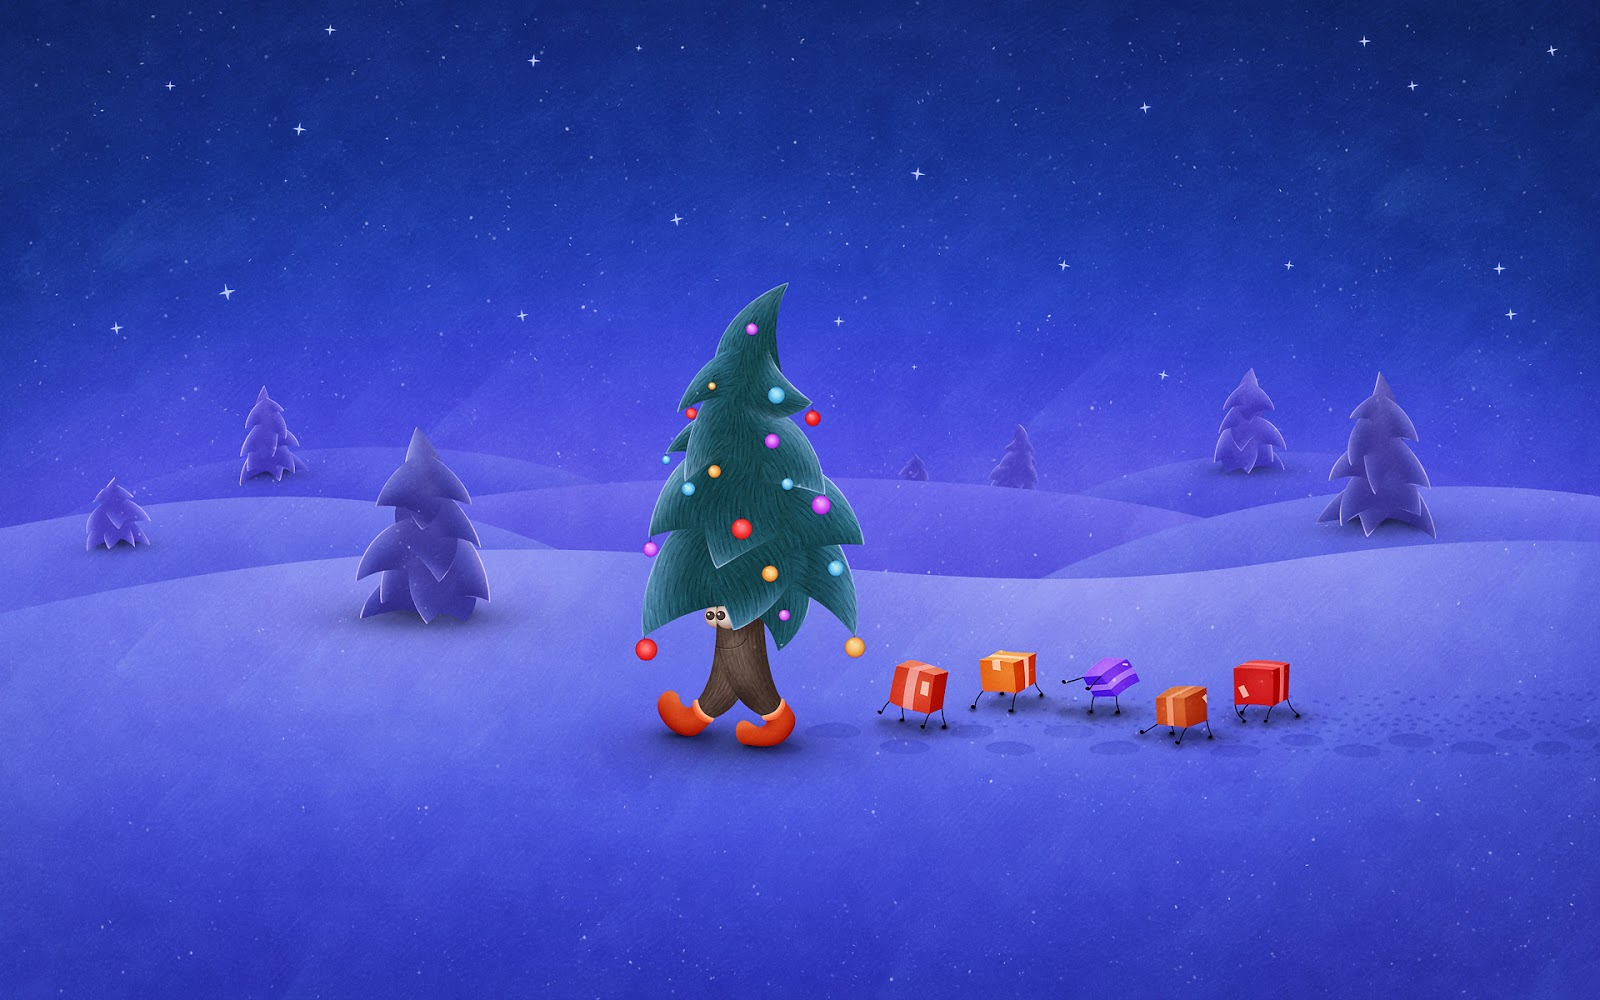 Fondos Navidad Animados: Imagenes Hilandy: Fondo De Pantalla Navidad Animada